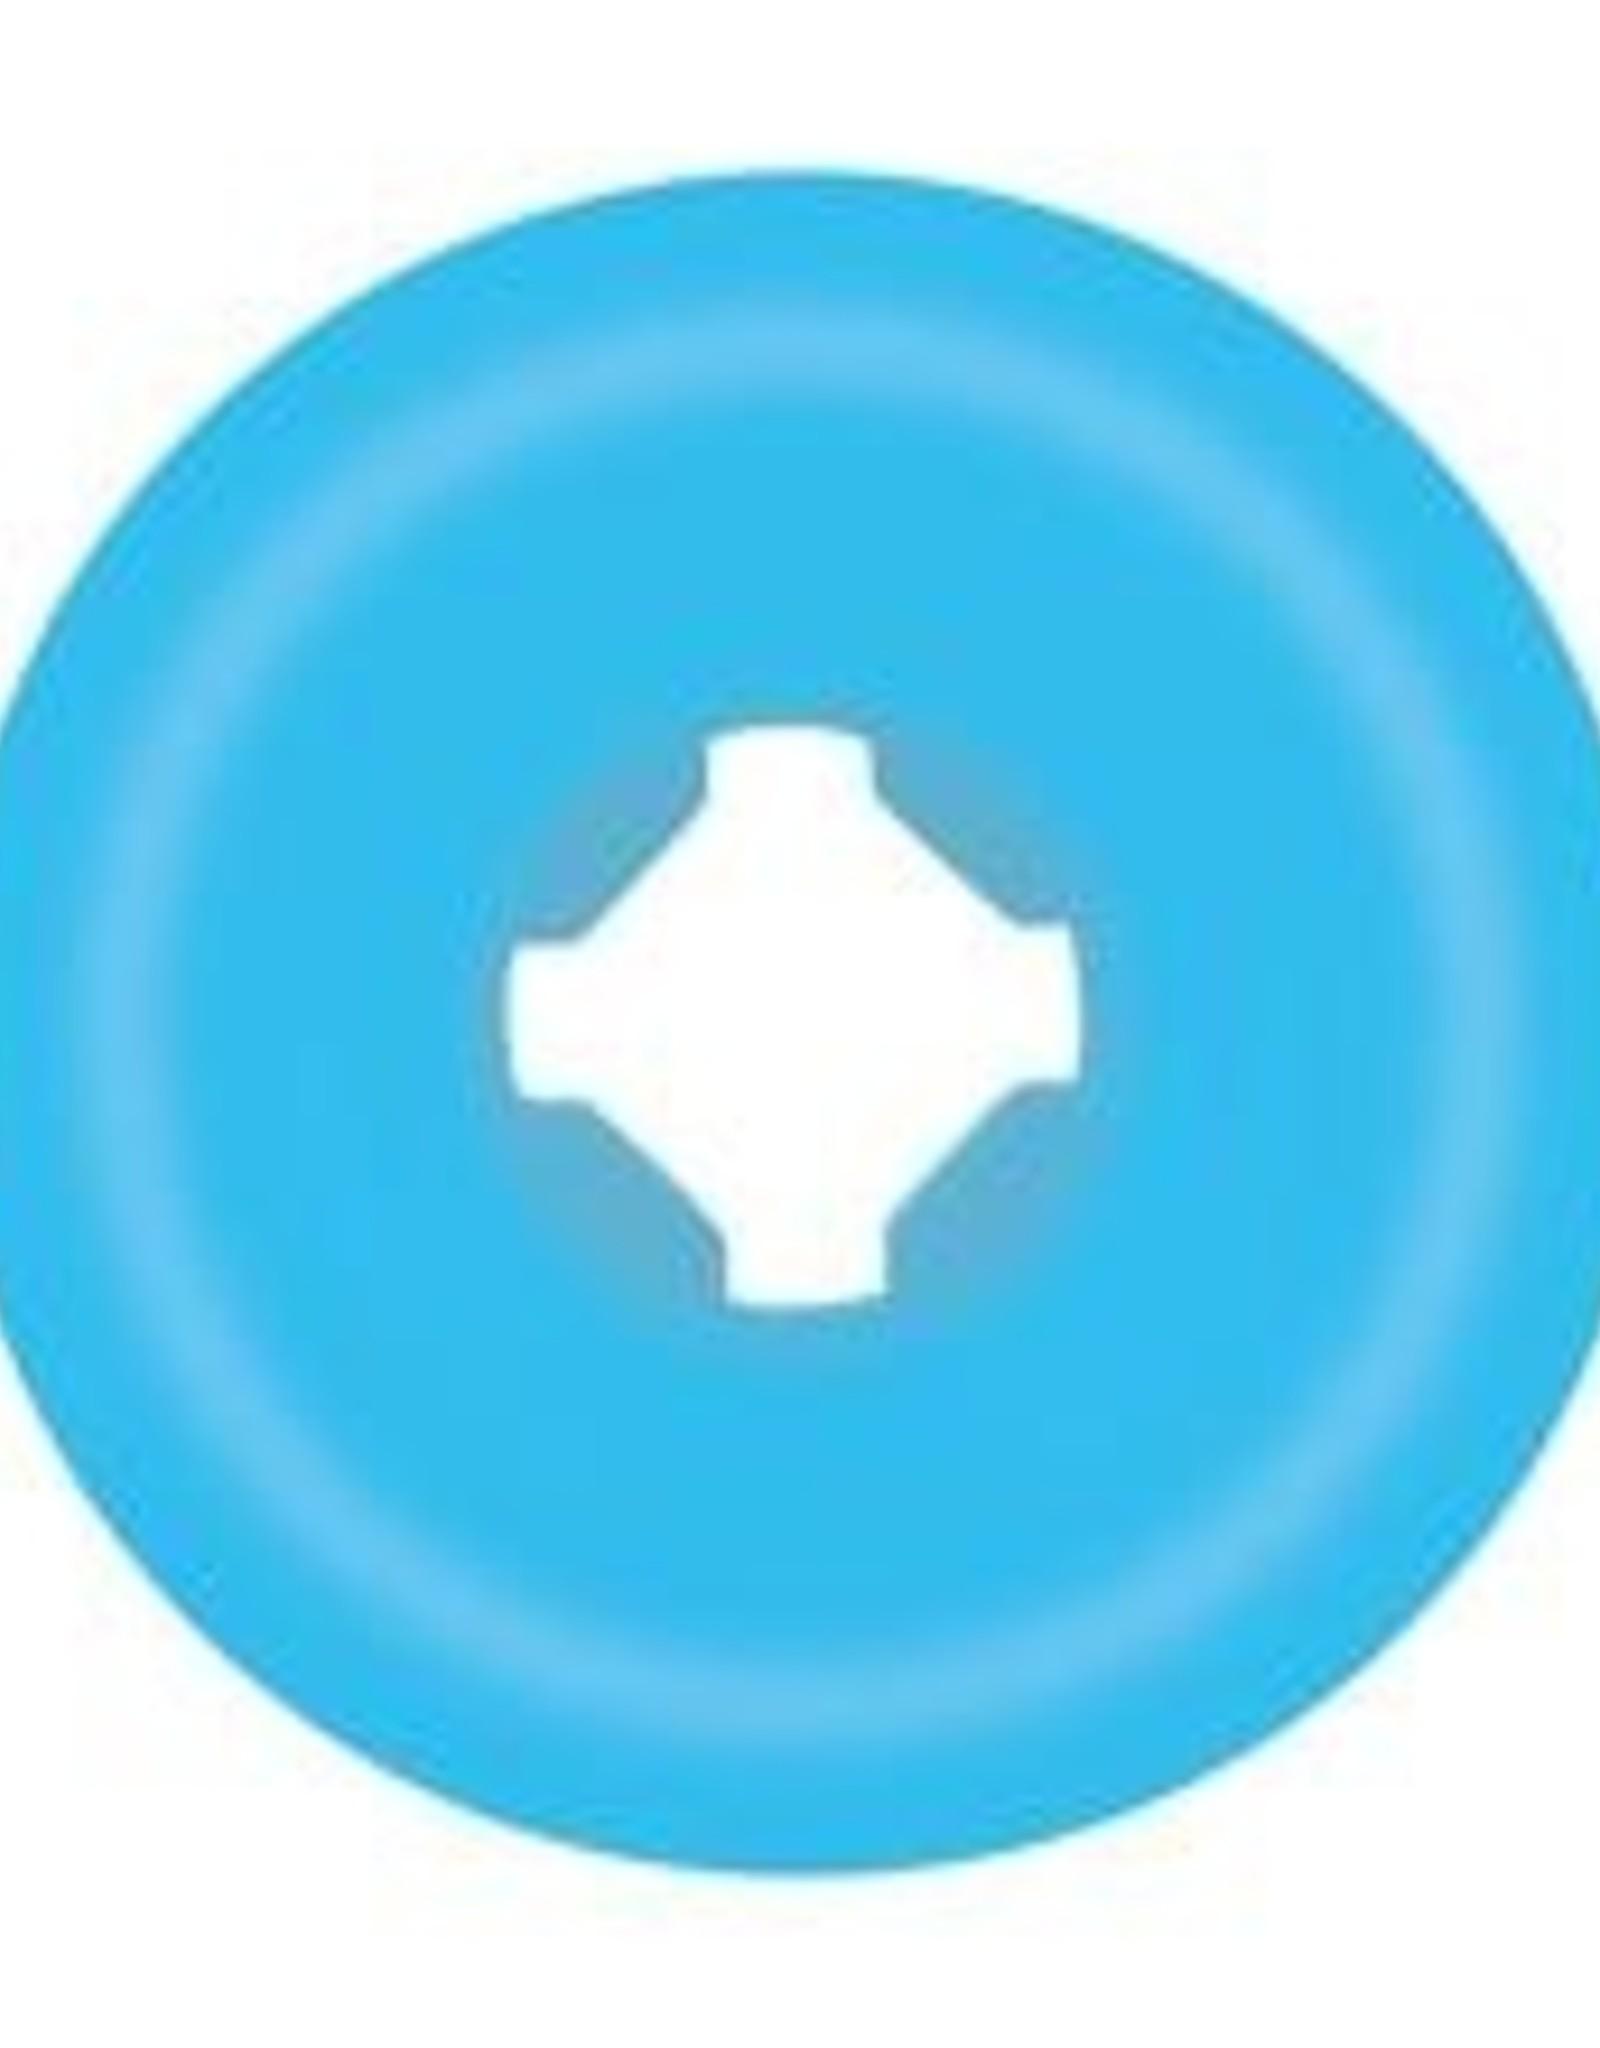 Slimeballs SLIME BALLS WHEELS VOMIT MINI II BLU 97A 53mm